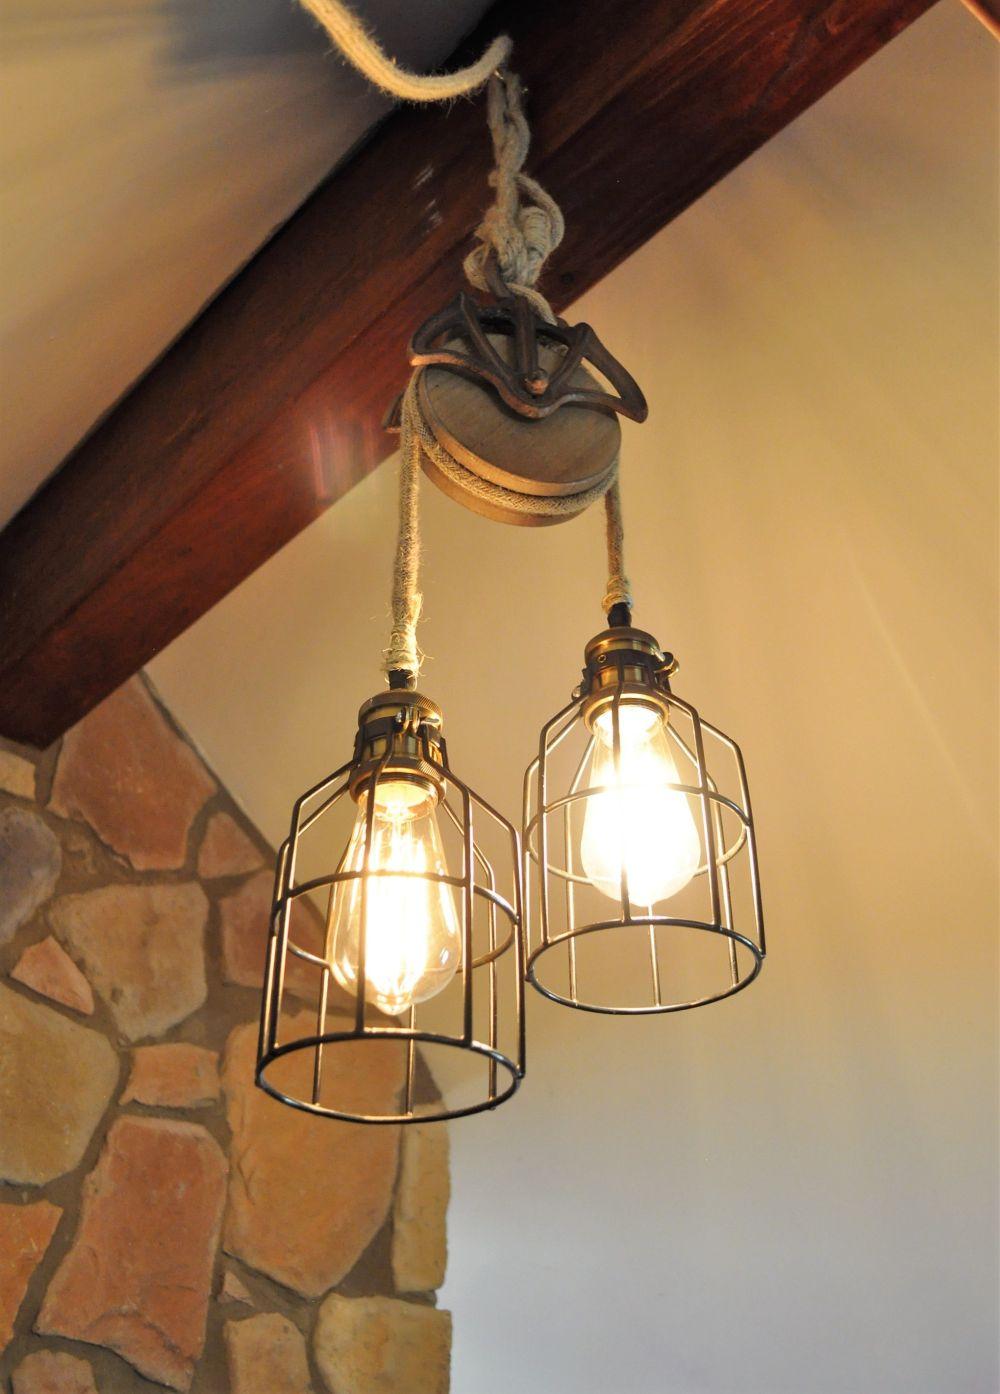 32 farmhouse lighting ideas for warm